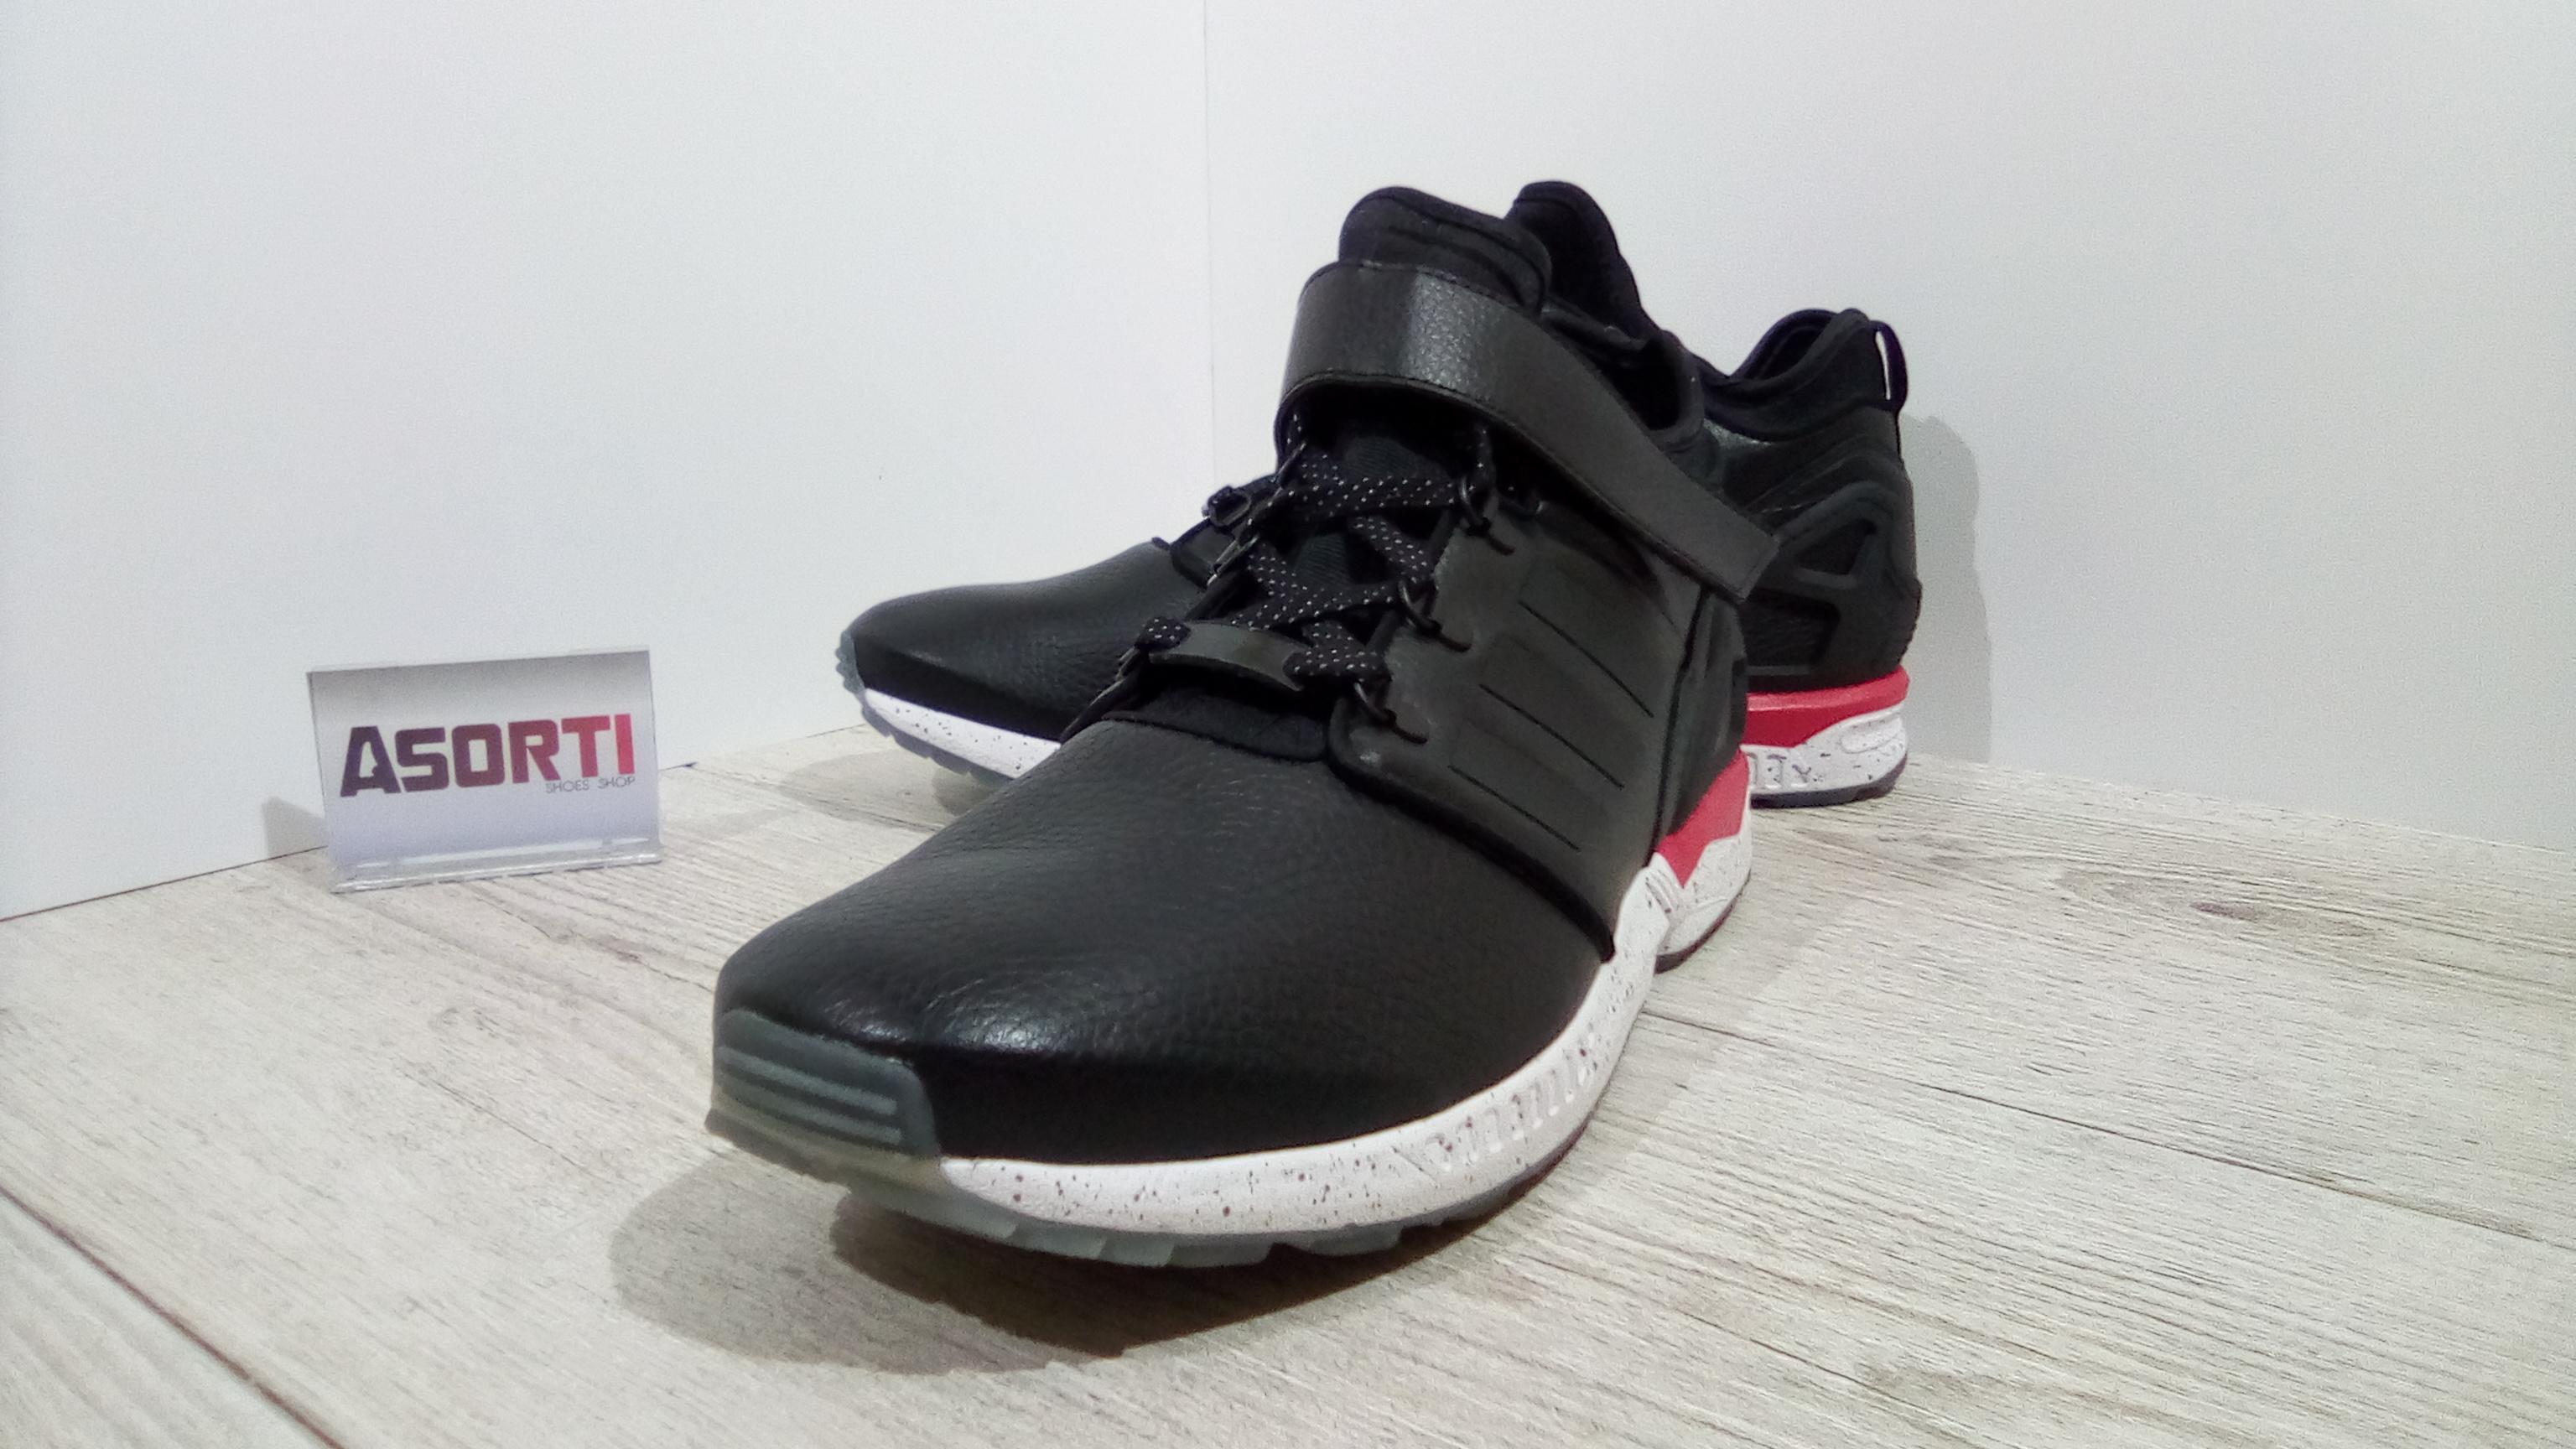 dac8a3962 ... Мужские кроссовки Adidas ZX Flux NPS MID Winter (S81642) черные ...